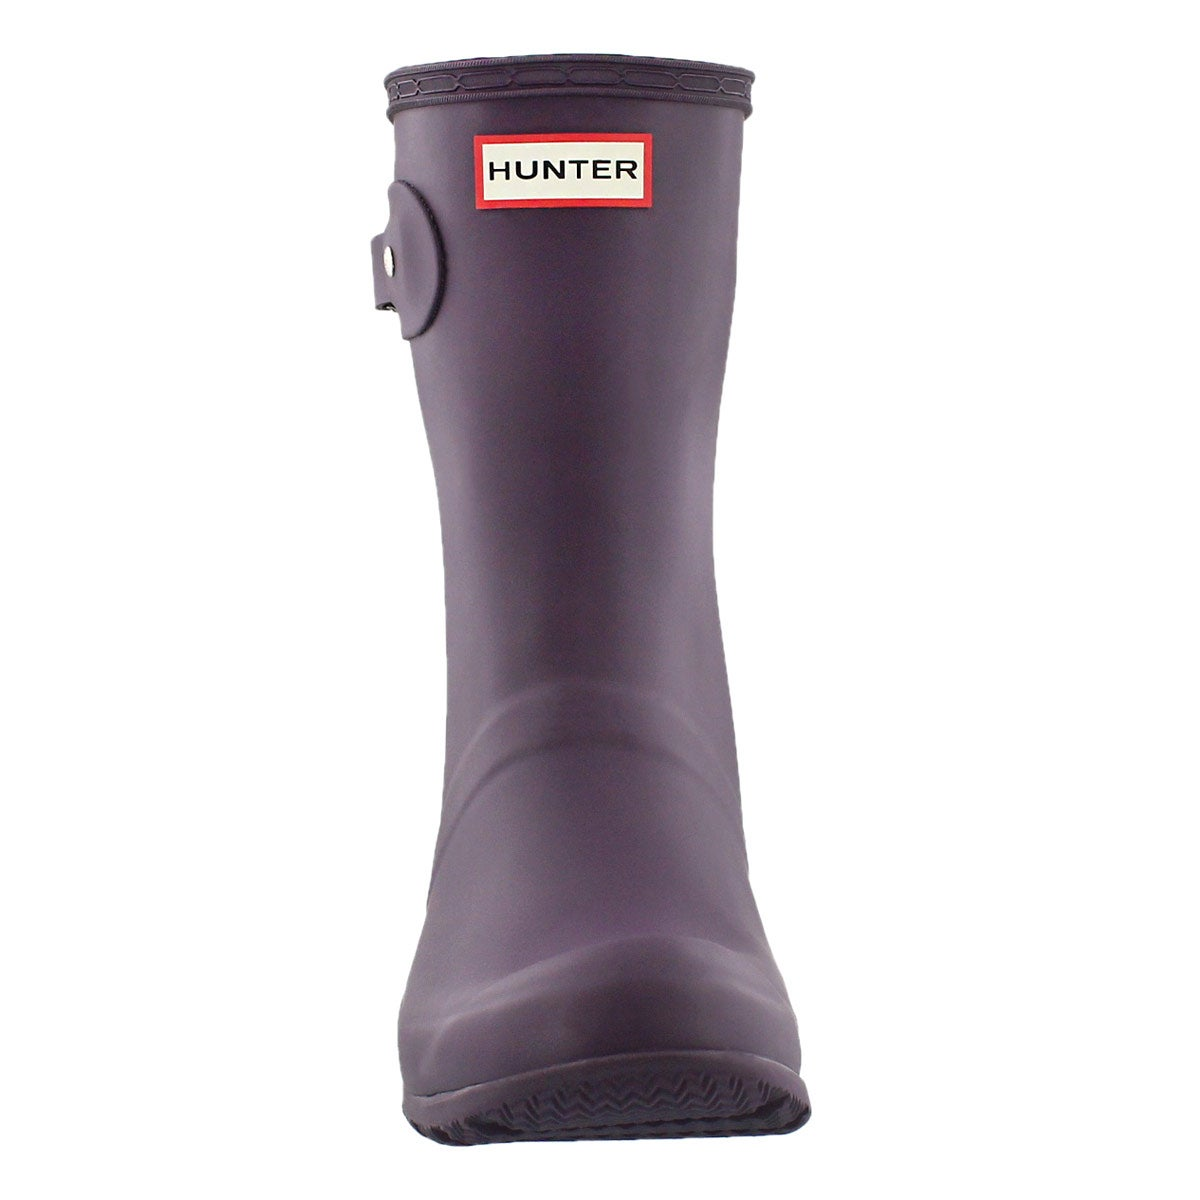 Lds Original Tour Short purple rain boot